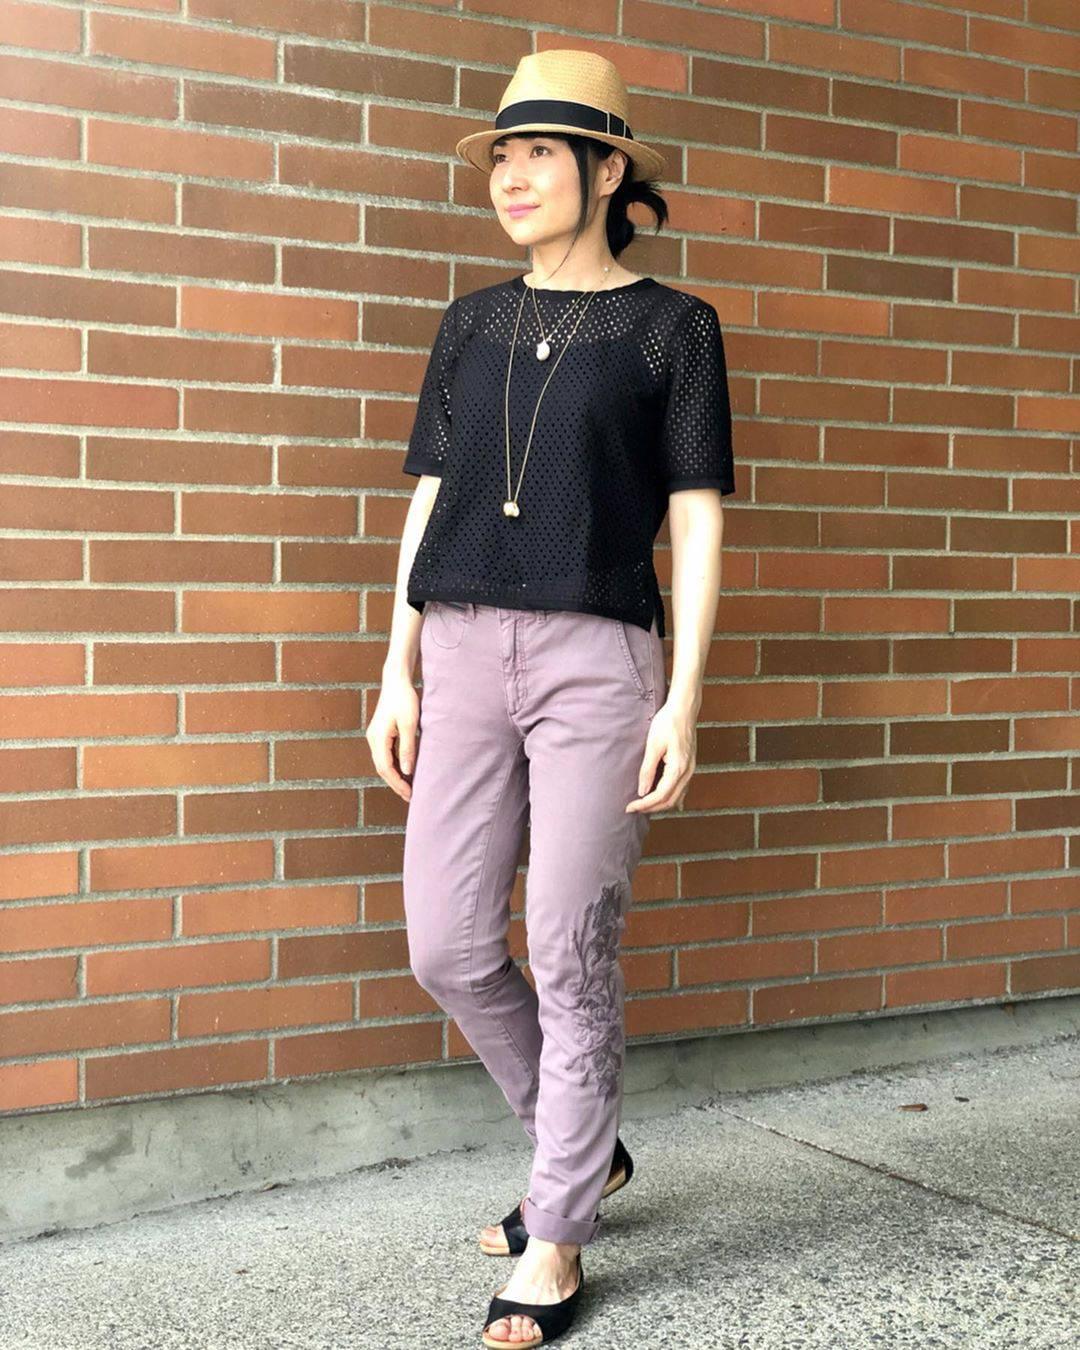 最高気温33度・最低気温25度 i.styleclosetの服装